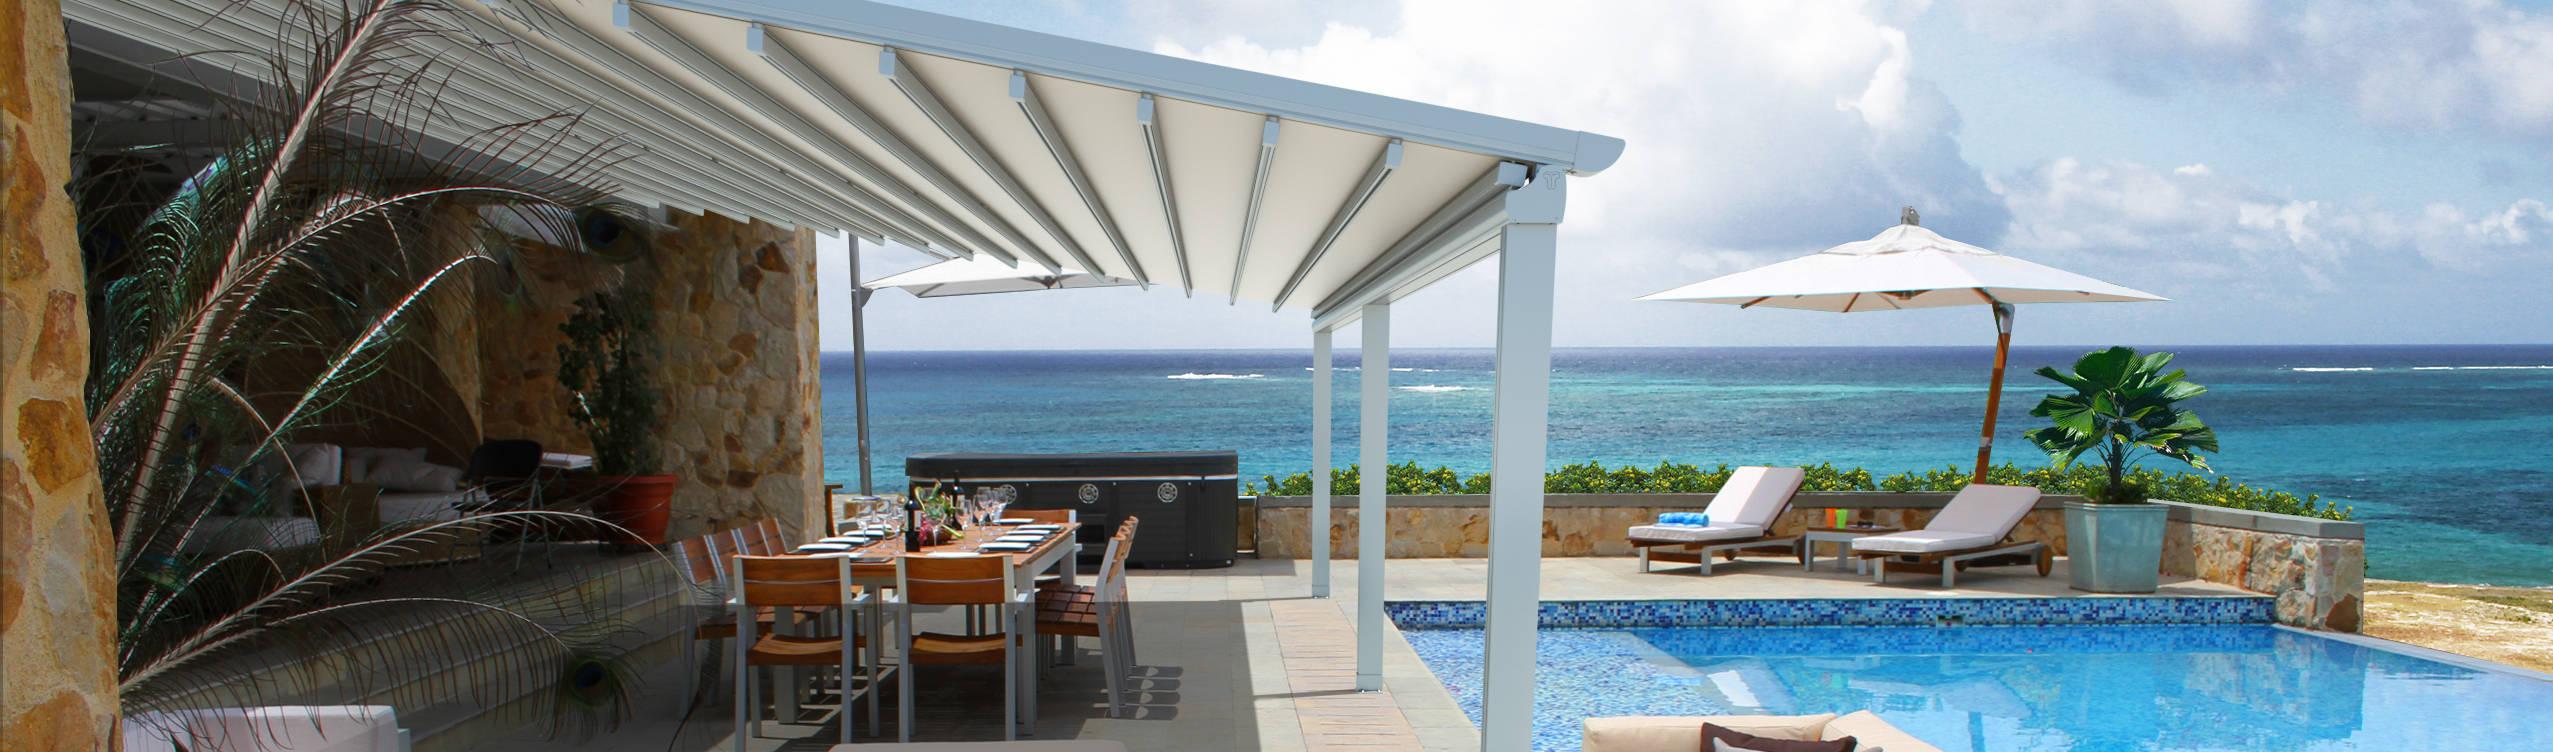 Parasoles Tropicales – Arquitectura Exterior